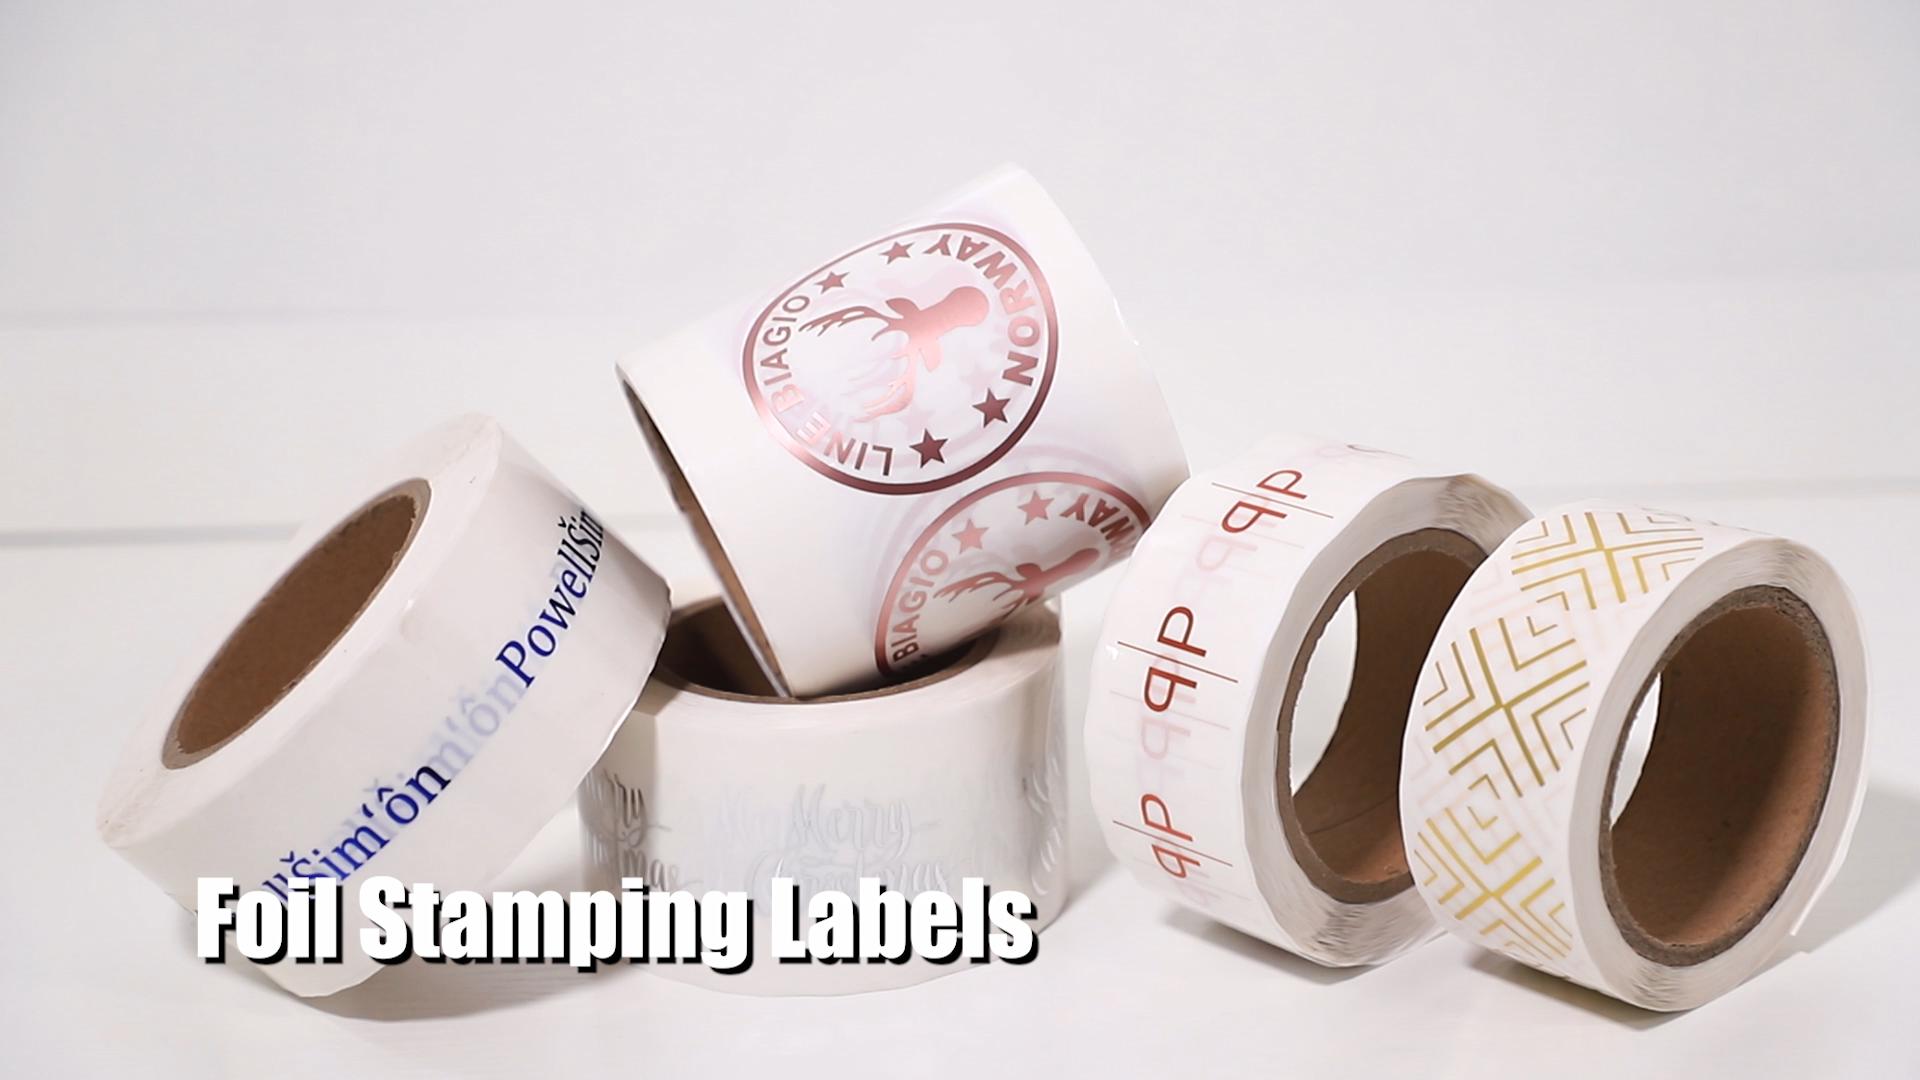 로즈 골드 호일 레이블, 사용자 정의 로고 로즈 골드 호일 라벨 접착 스티커 인쇄 화장품 라벨